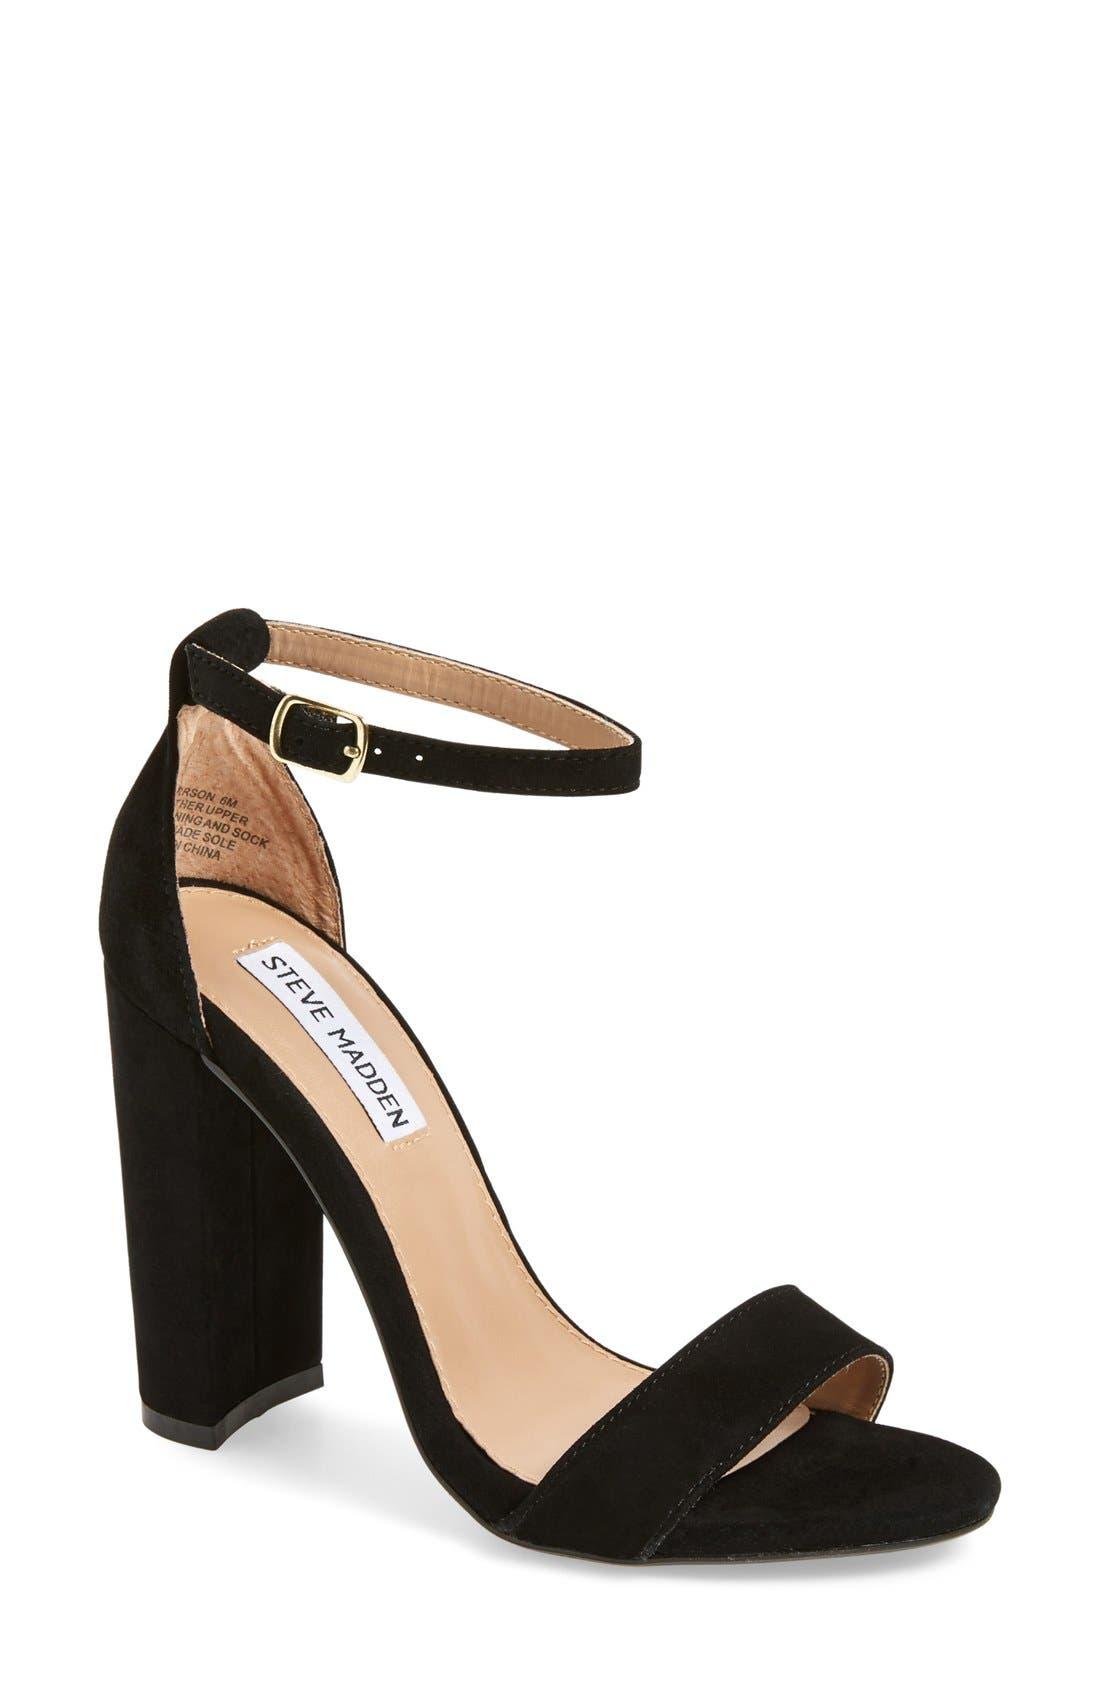 Carrson Sandal,                         Main,                         color, Black Suede